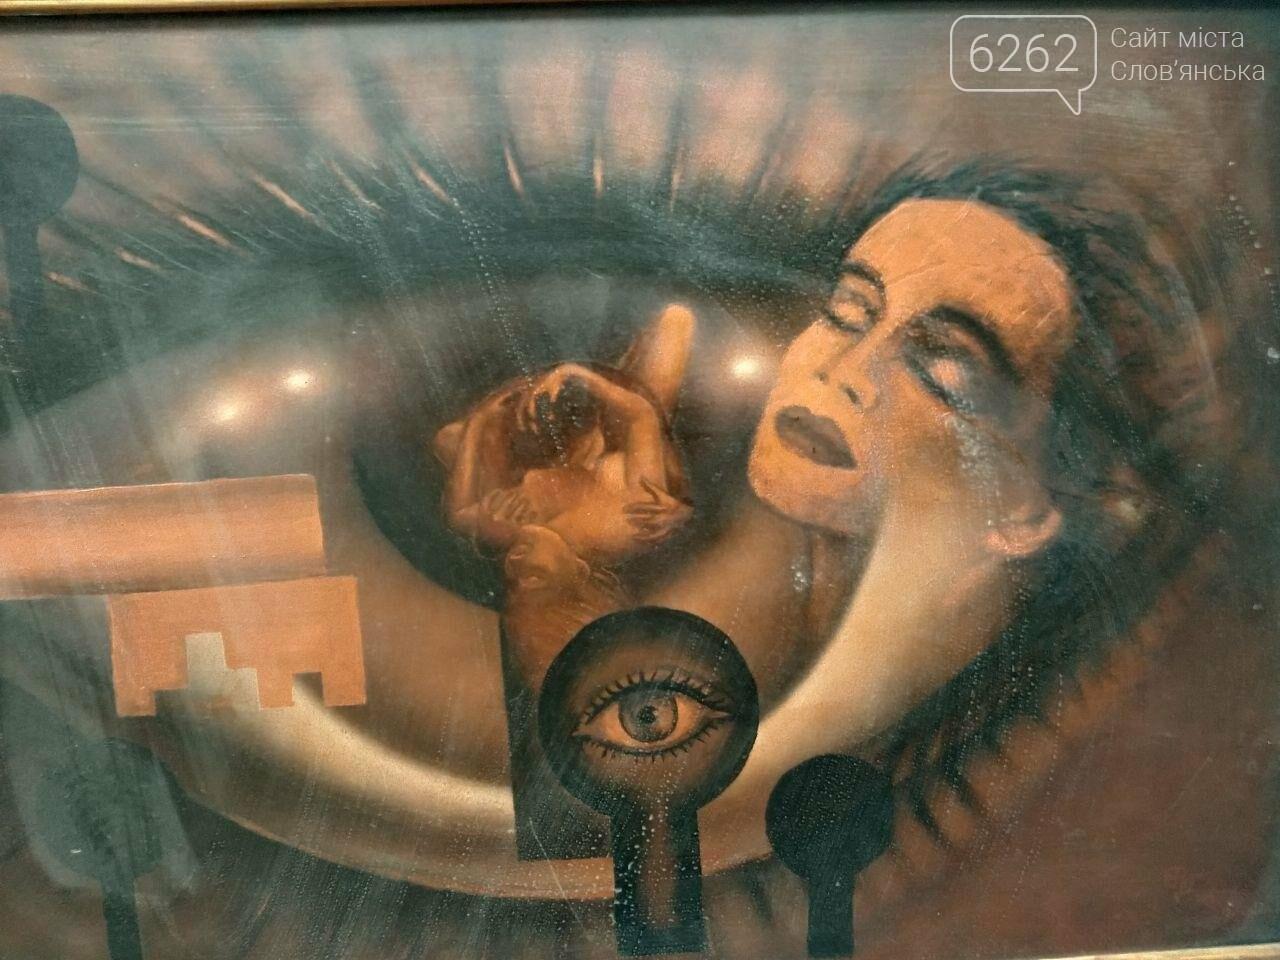 З власної колекції музею: у Слов'янську відкрилася художня виставка, фото-3